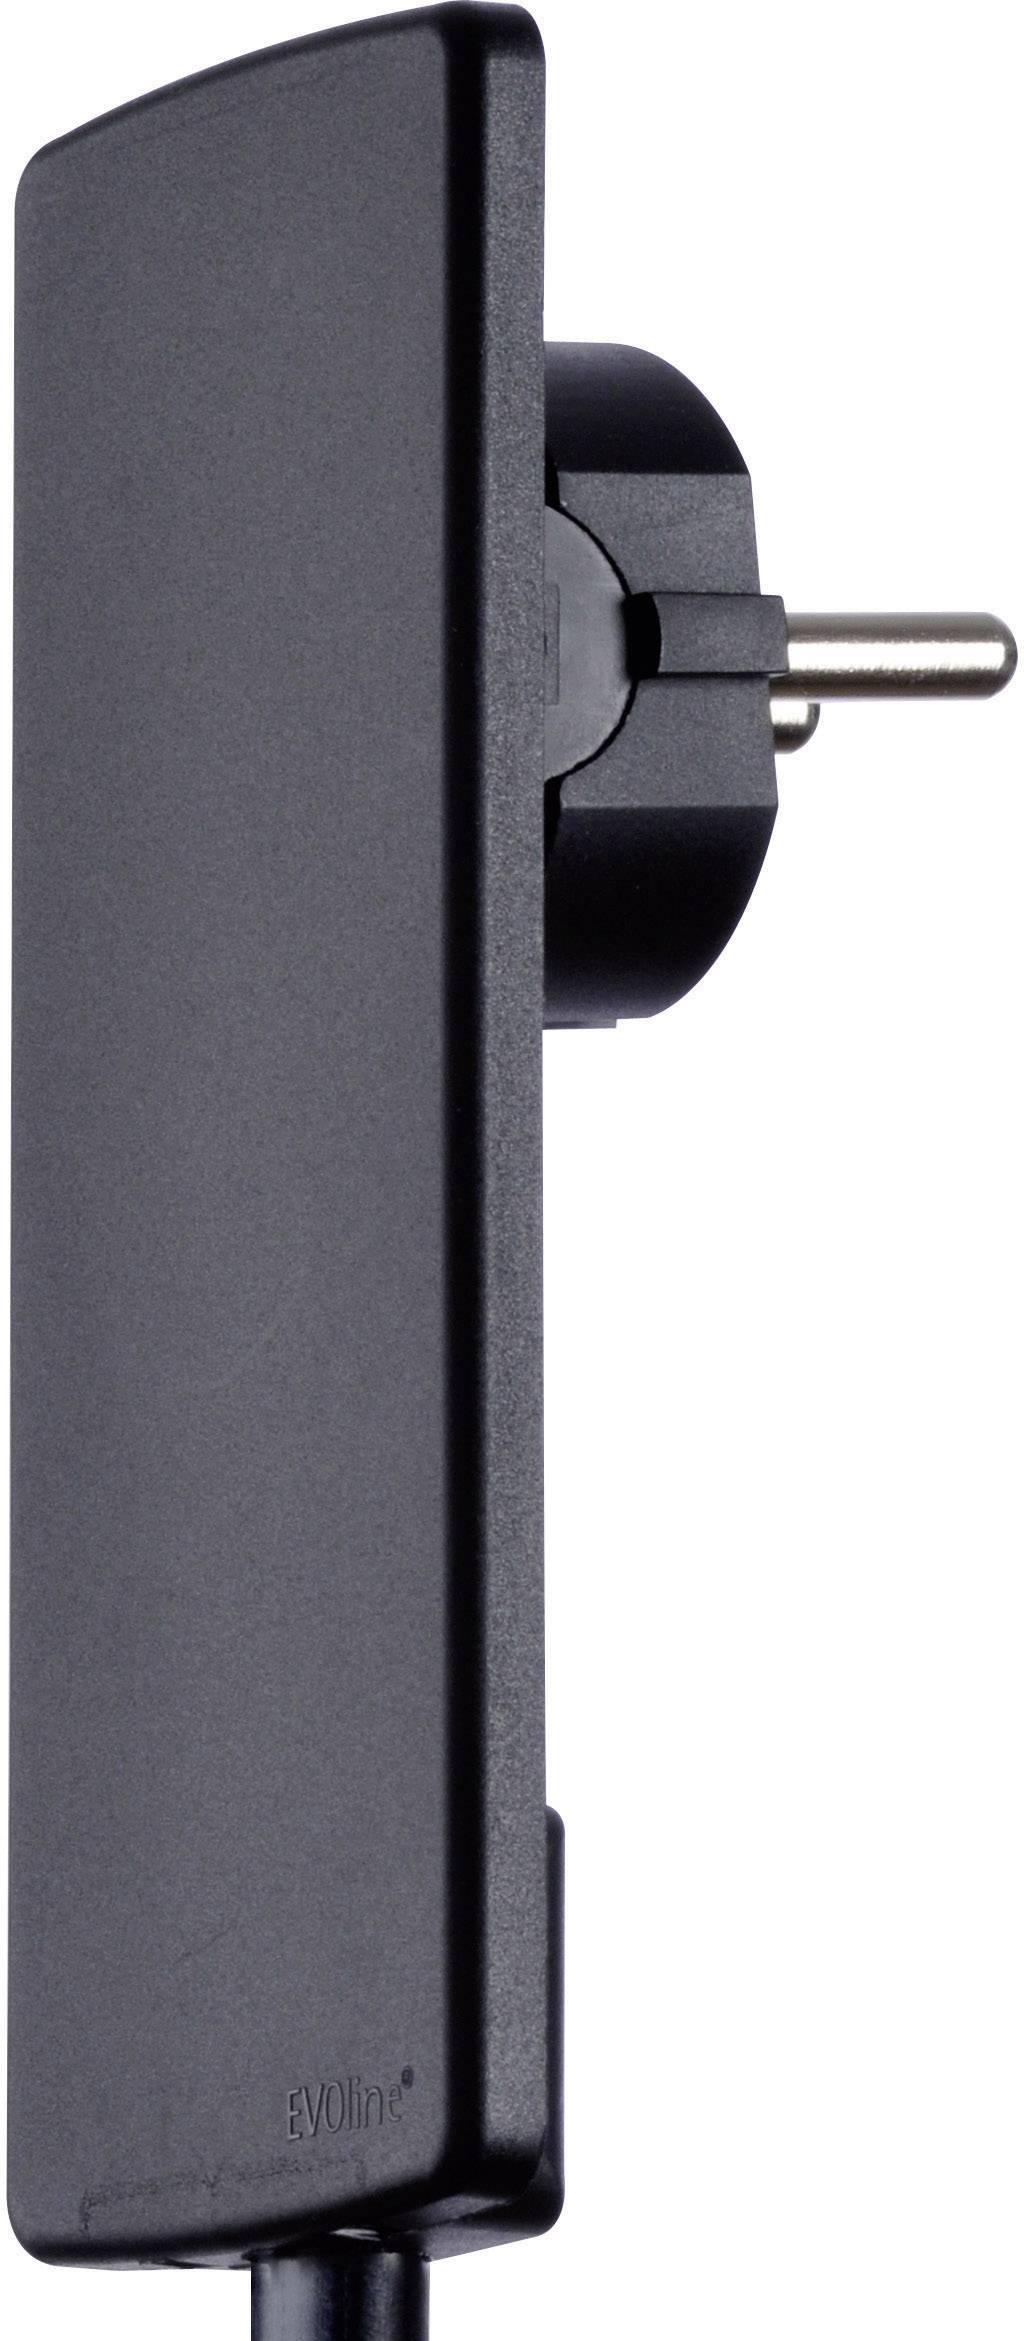 Plochá zástrčka SchuKo EVOline EVOline Plug 103219, umelá hmota, 230 V, čierna